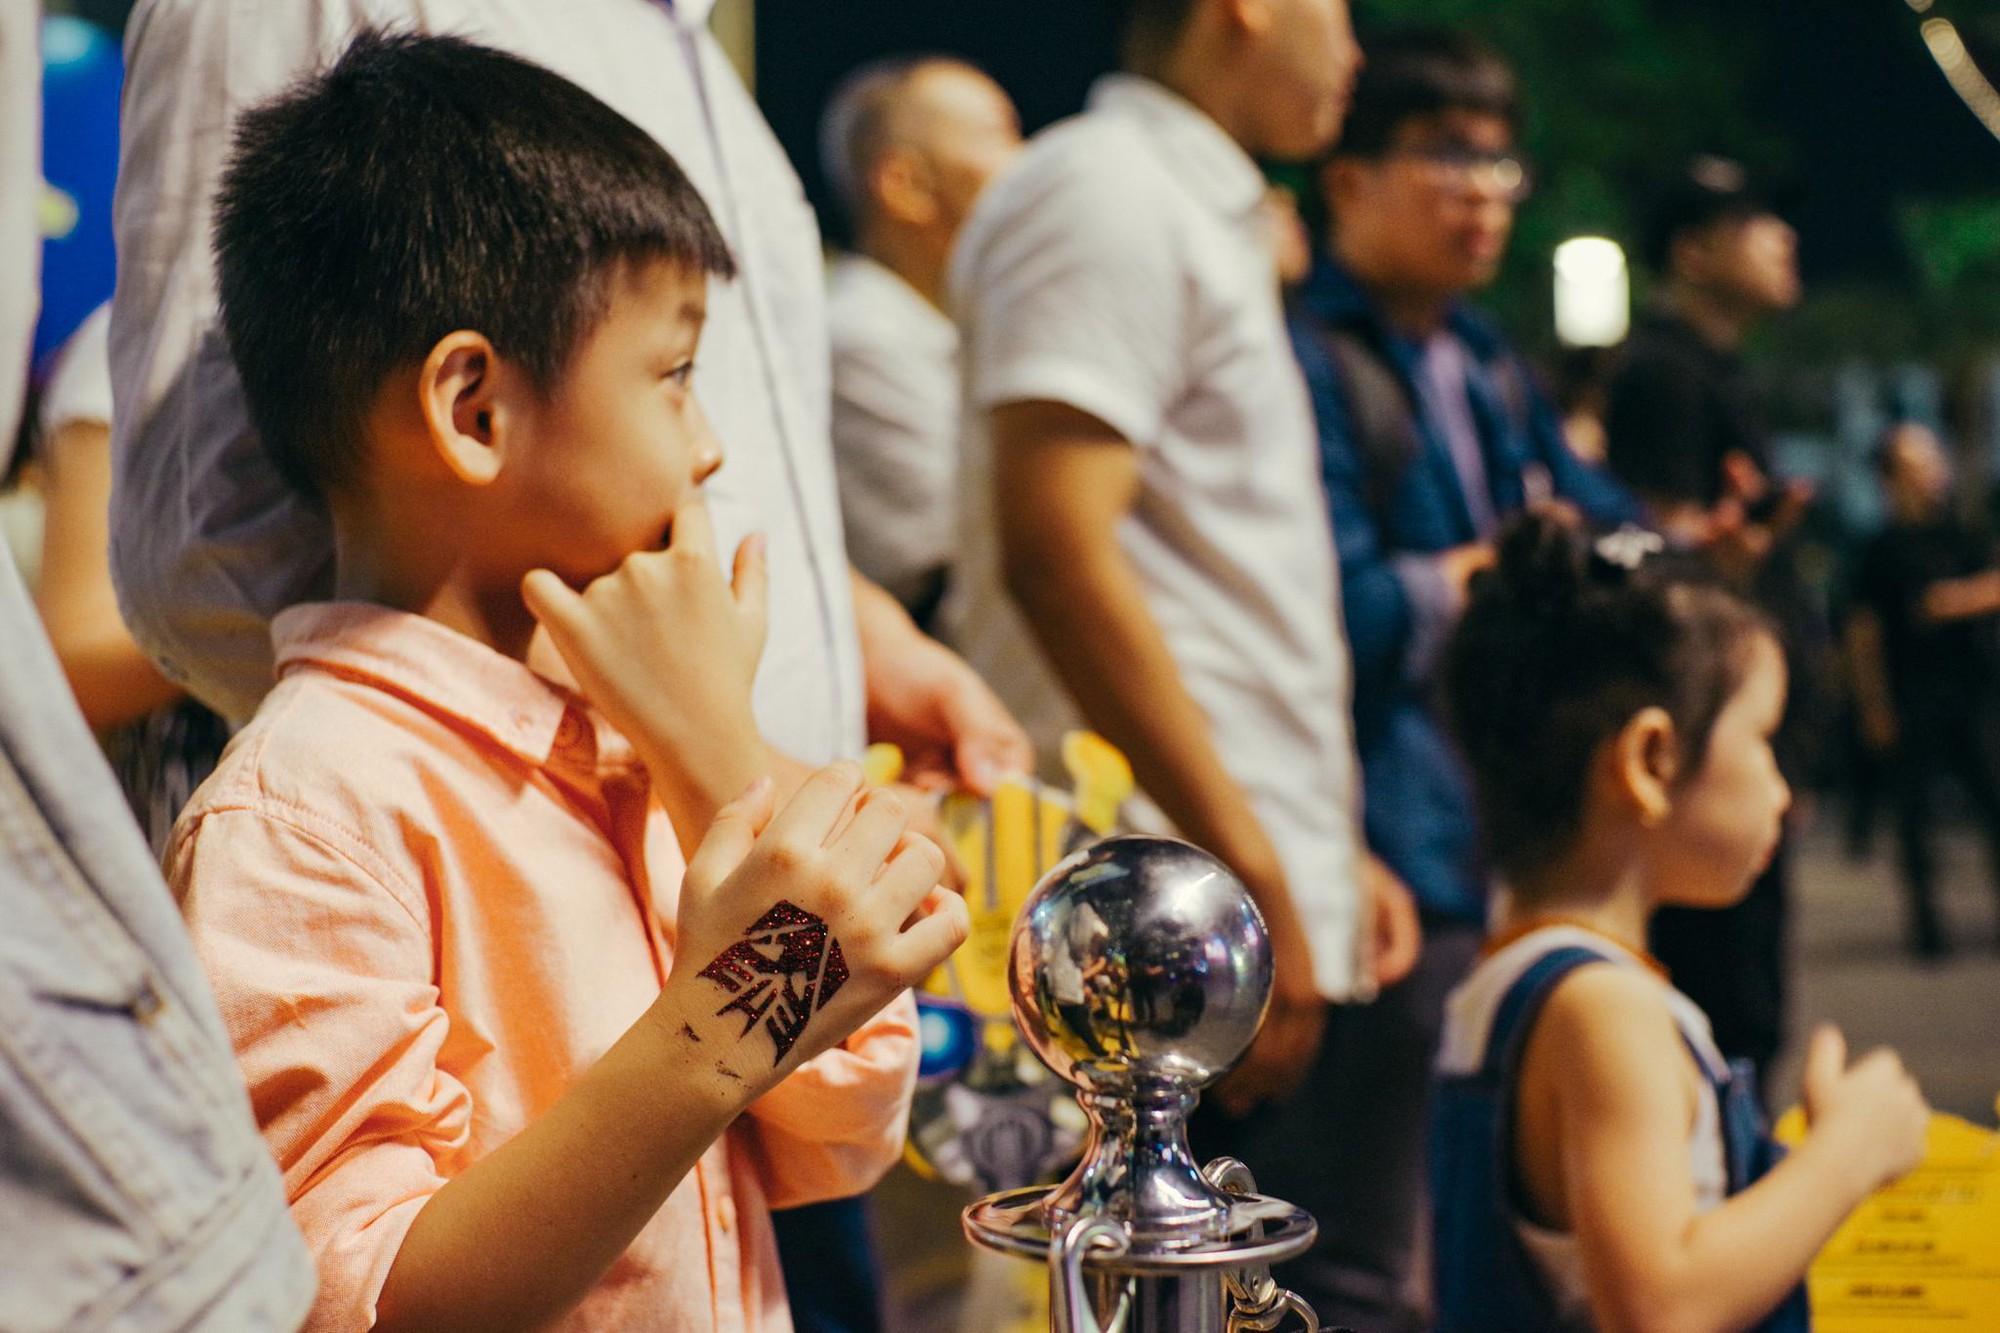 Choáng ngợp với mô hình Bumblebee lớn nhất tại Việt Nam - Ảnh 2.